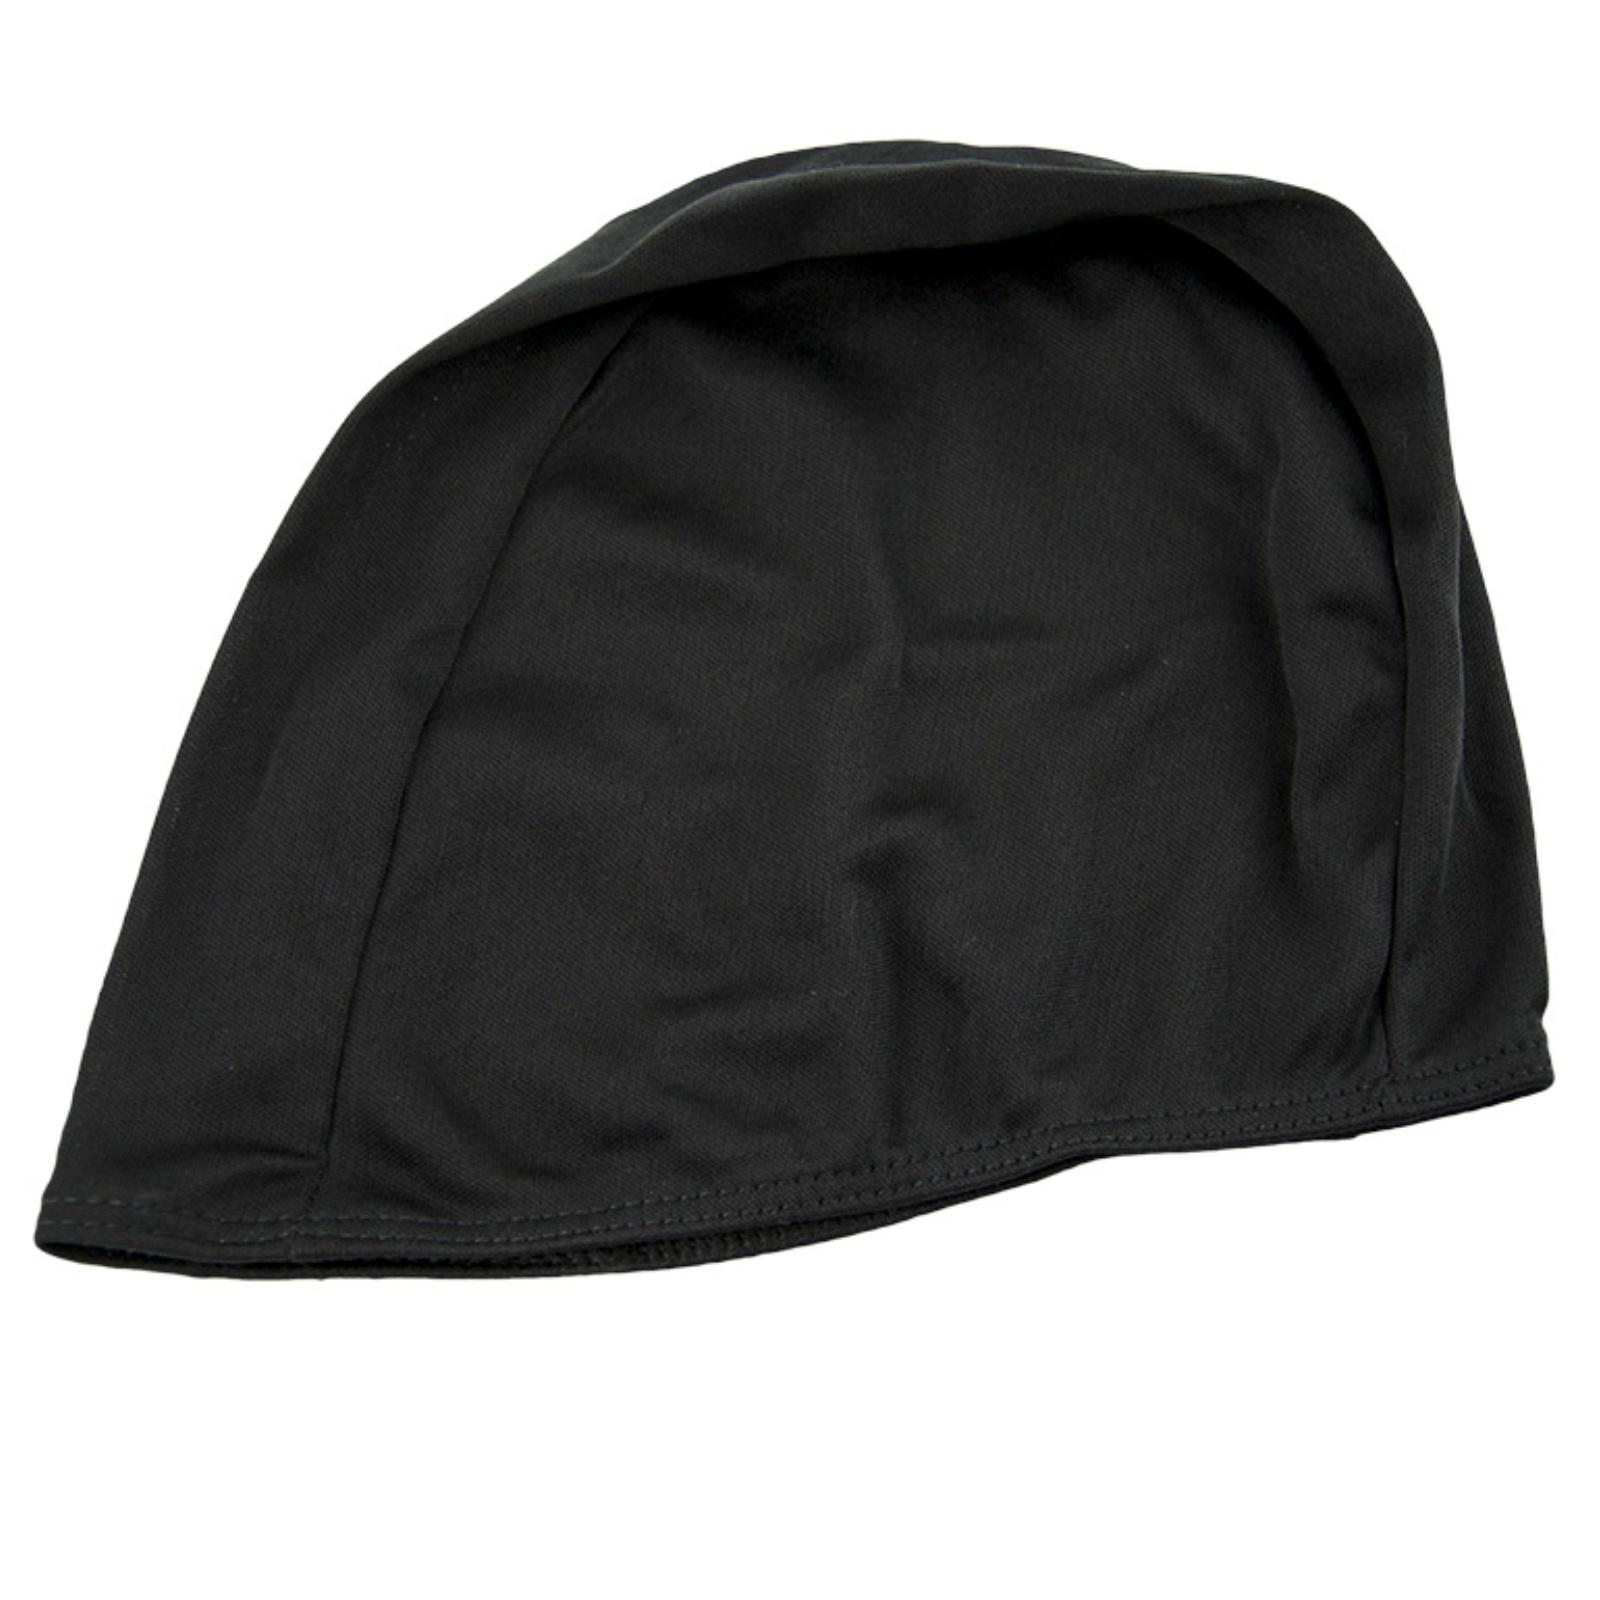 Koupací čepice Polyester 1901 junior - černá